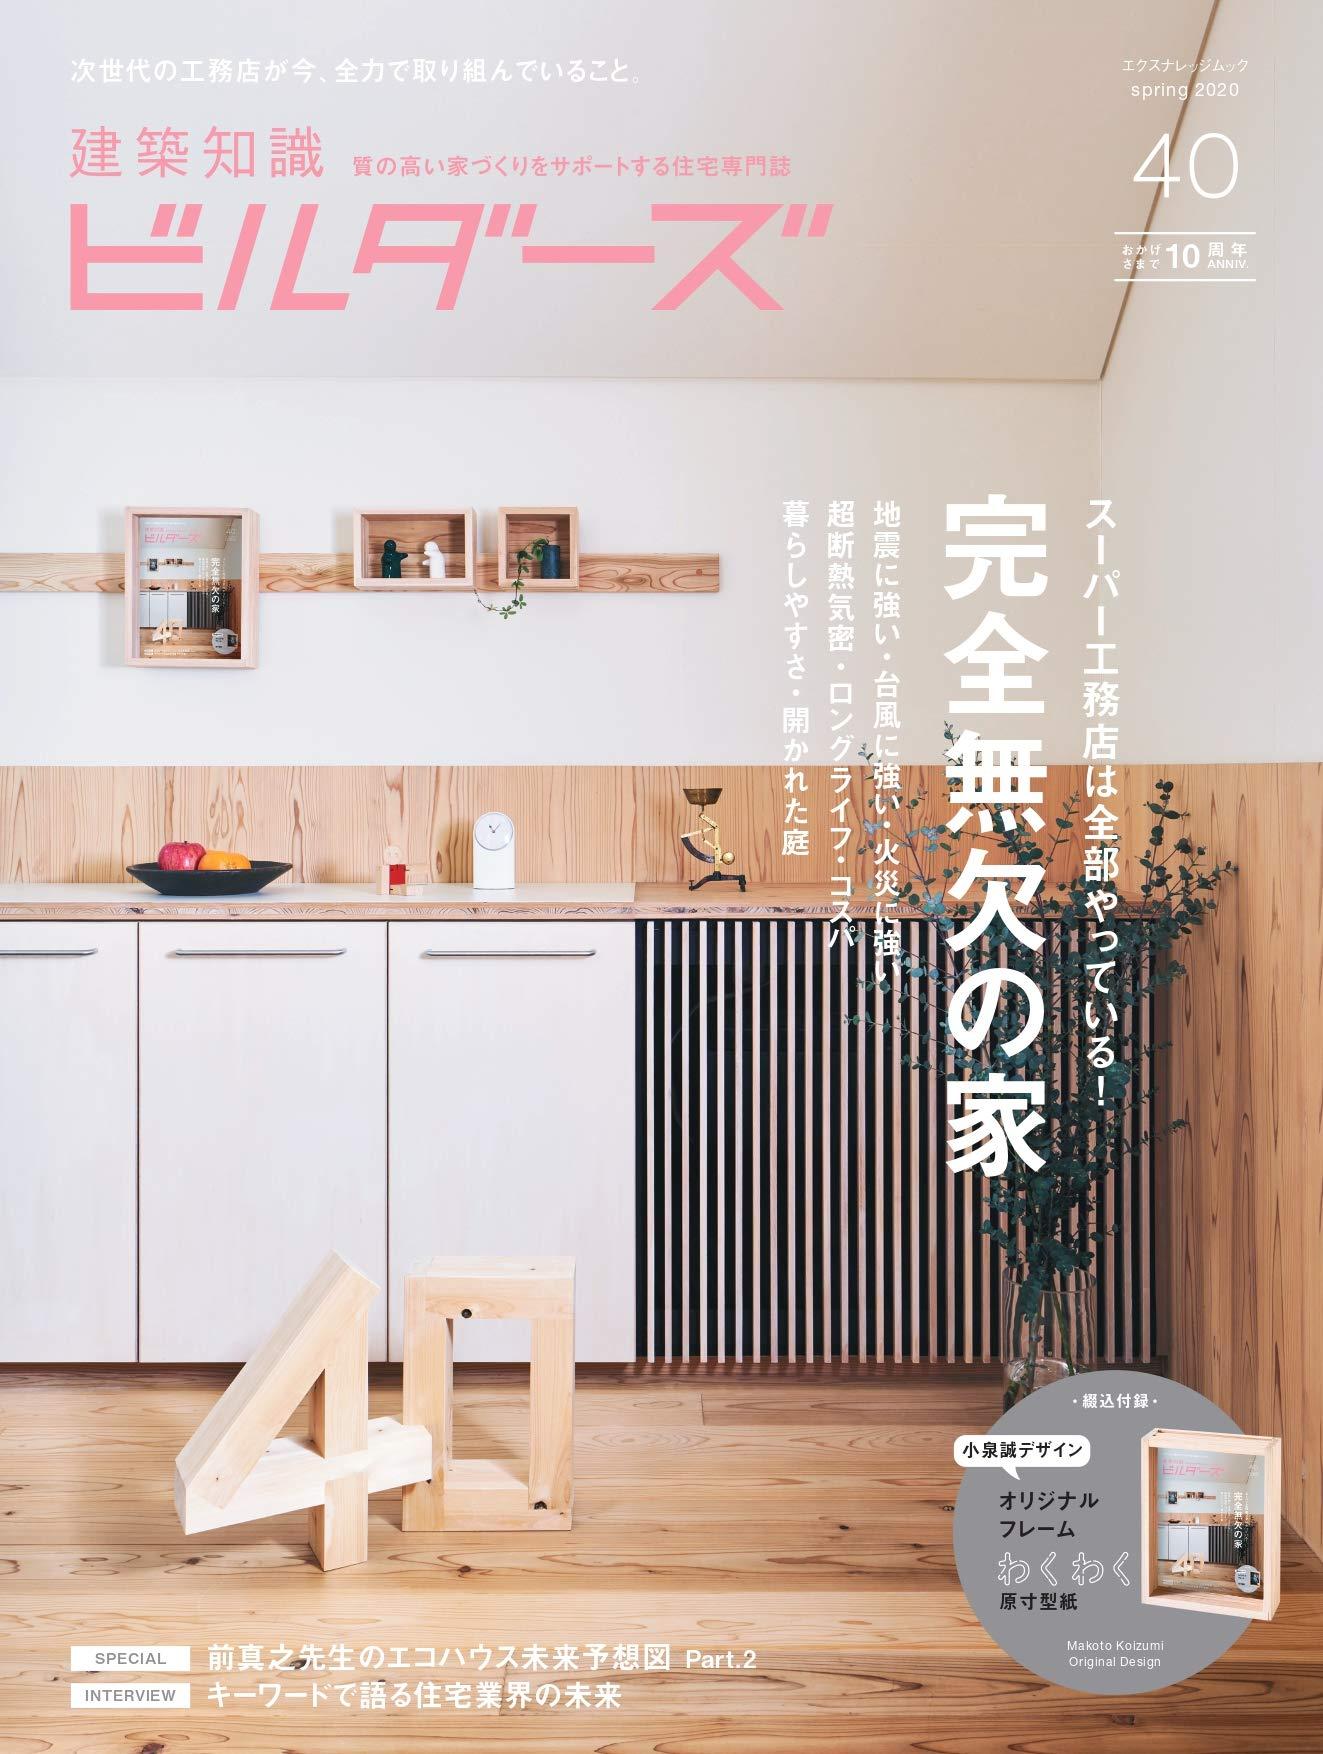 【掲載】建築知識ビルダーズNo.40 10周年記念号